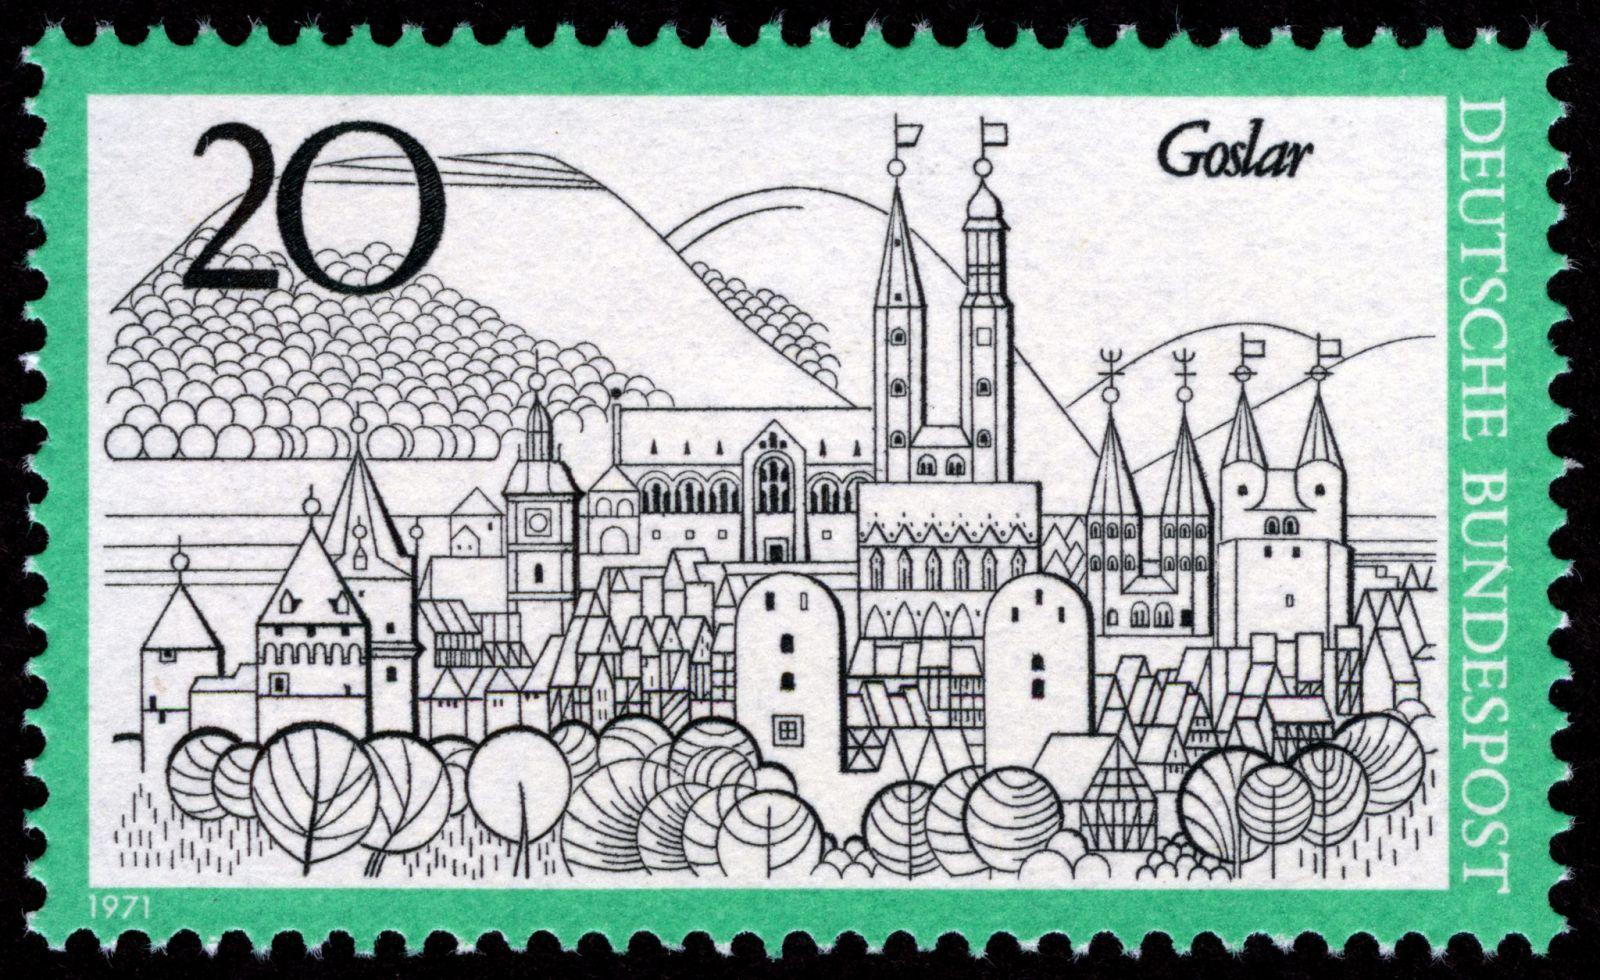 Goslar, 1971